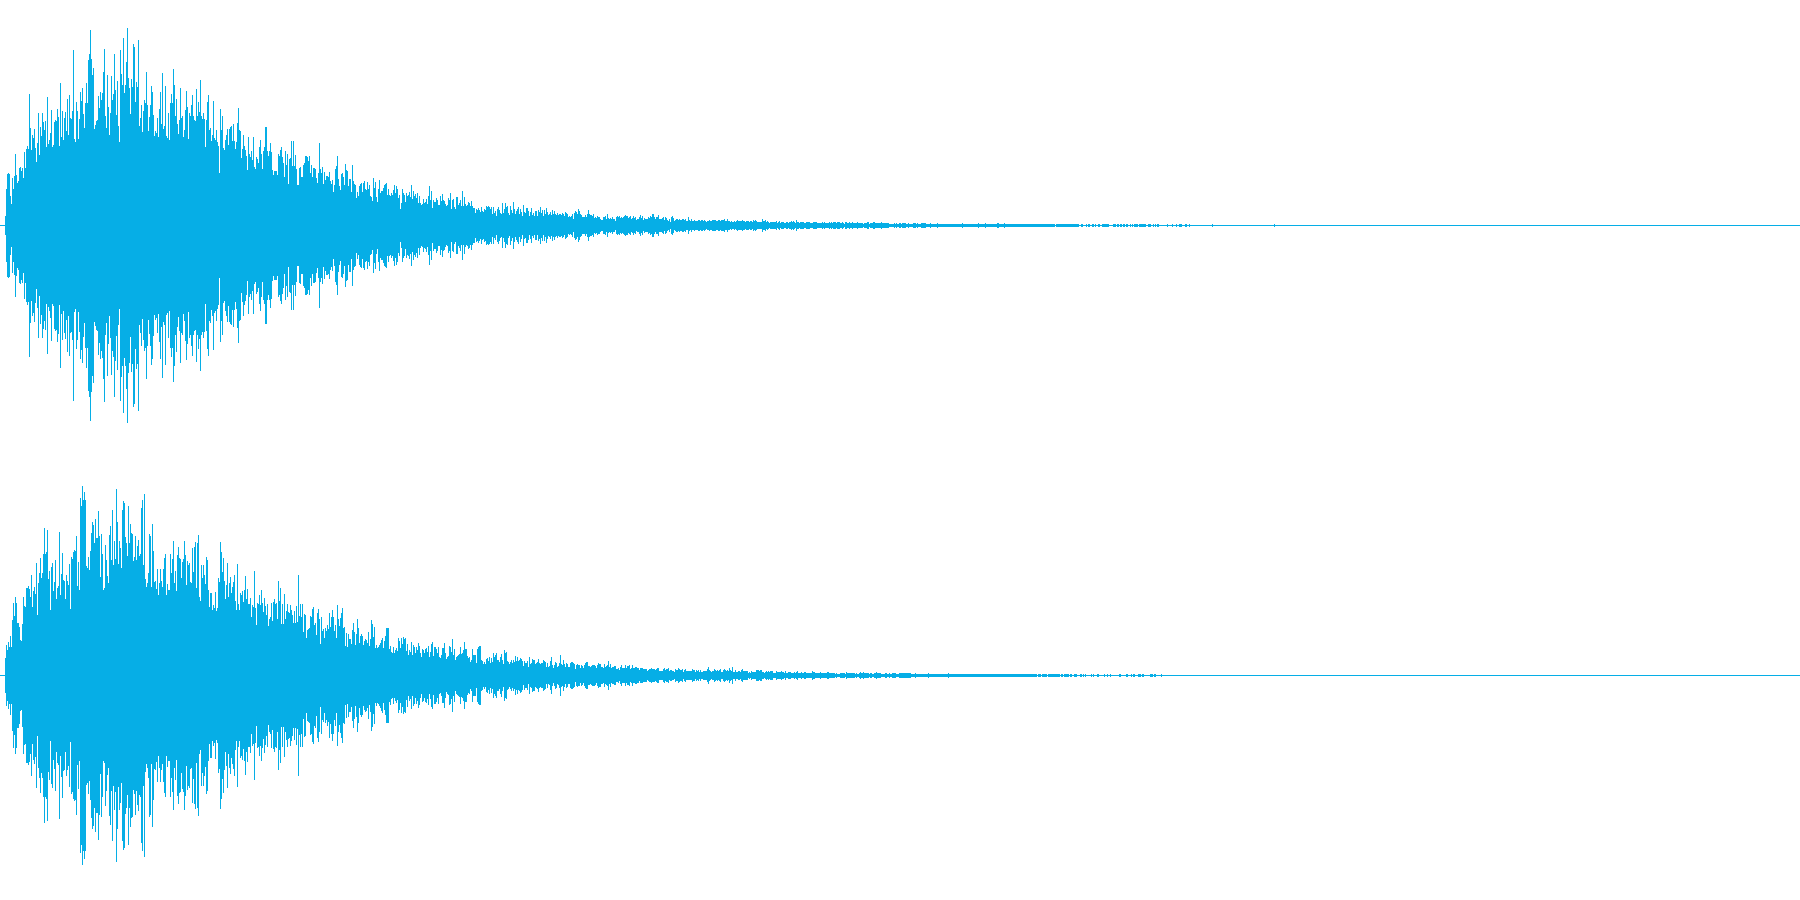 ゲームスタート、決定、ボタン音-133の再生済みの波形